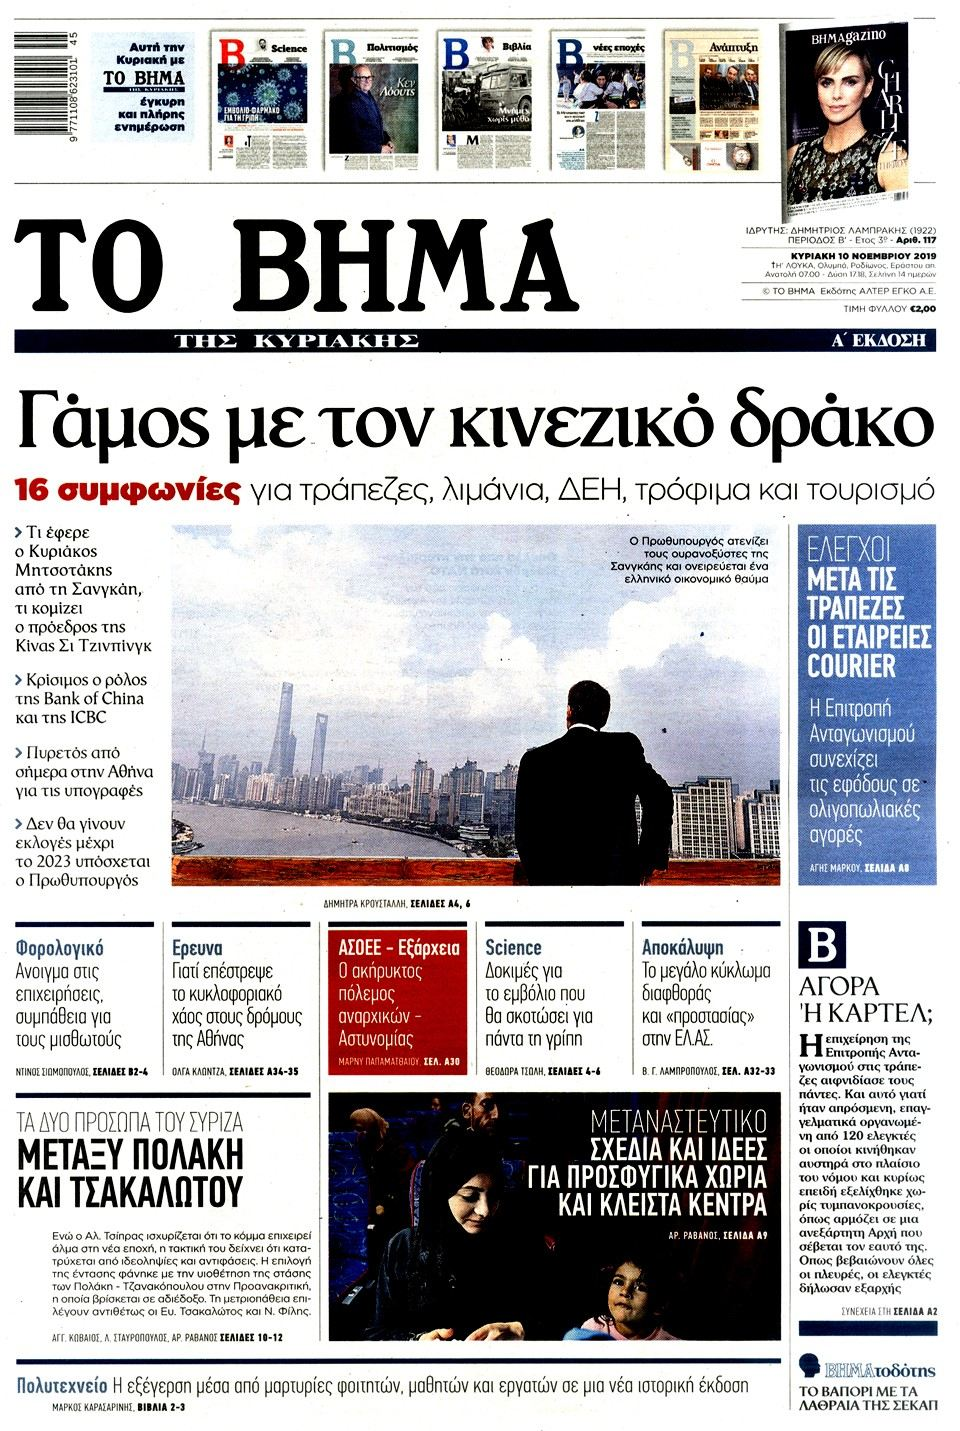 , الصفحات الأولى للصحف الأحد 10 تشرين الثاني 2019